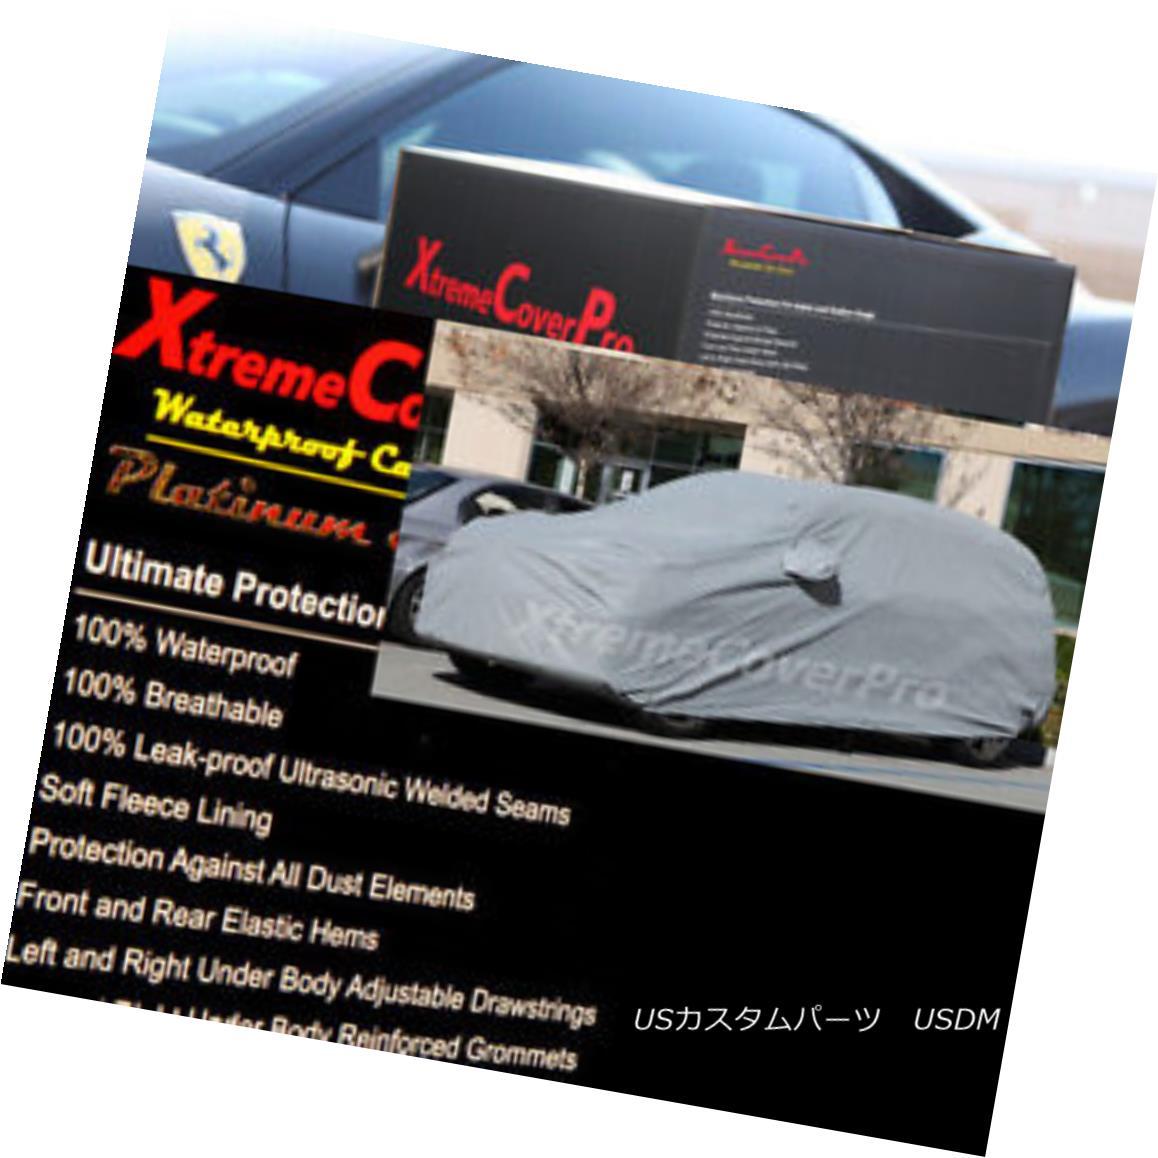 カーカバー 2009 2010 2011 2012 2013 Toyota Venza Waterproof Car Cover w/MirrorPocket 2009年2010年2011年2012年2013年トヨタVenza防水カーカバー付きMirrorPocket